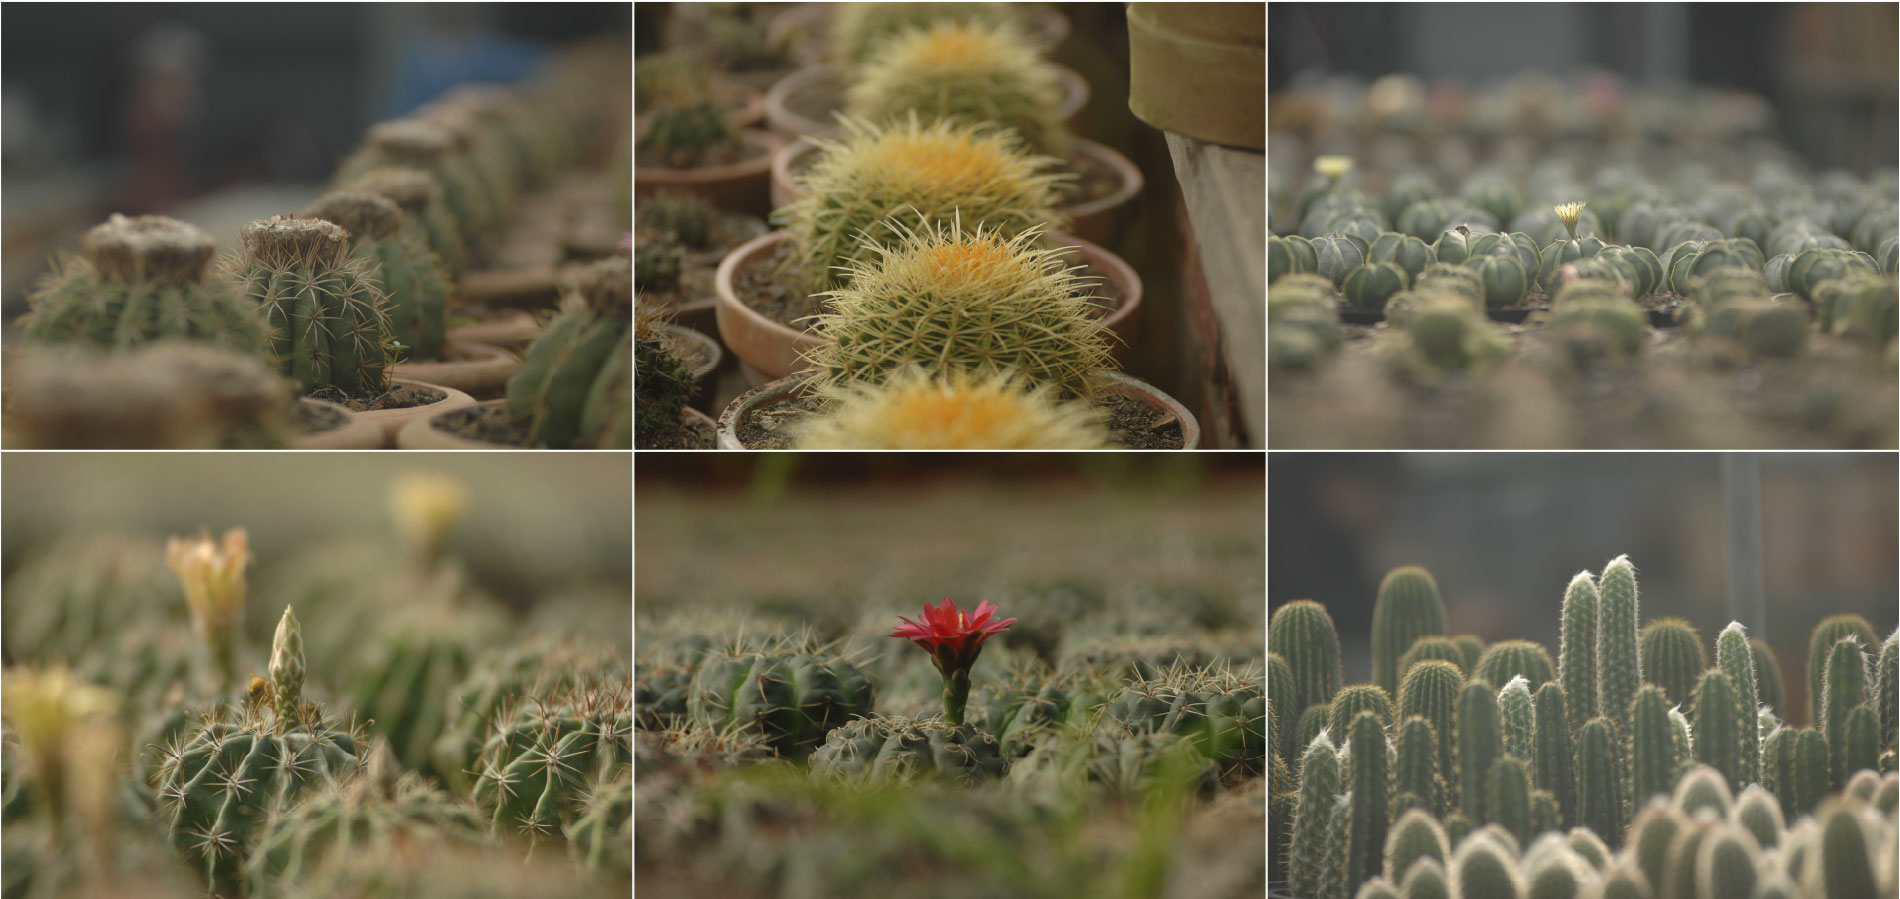 Mê mẩn với 1.000 giống xương rồng tại Làng hoa Sa Đéc ảnh 3